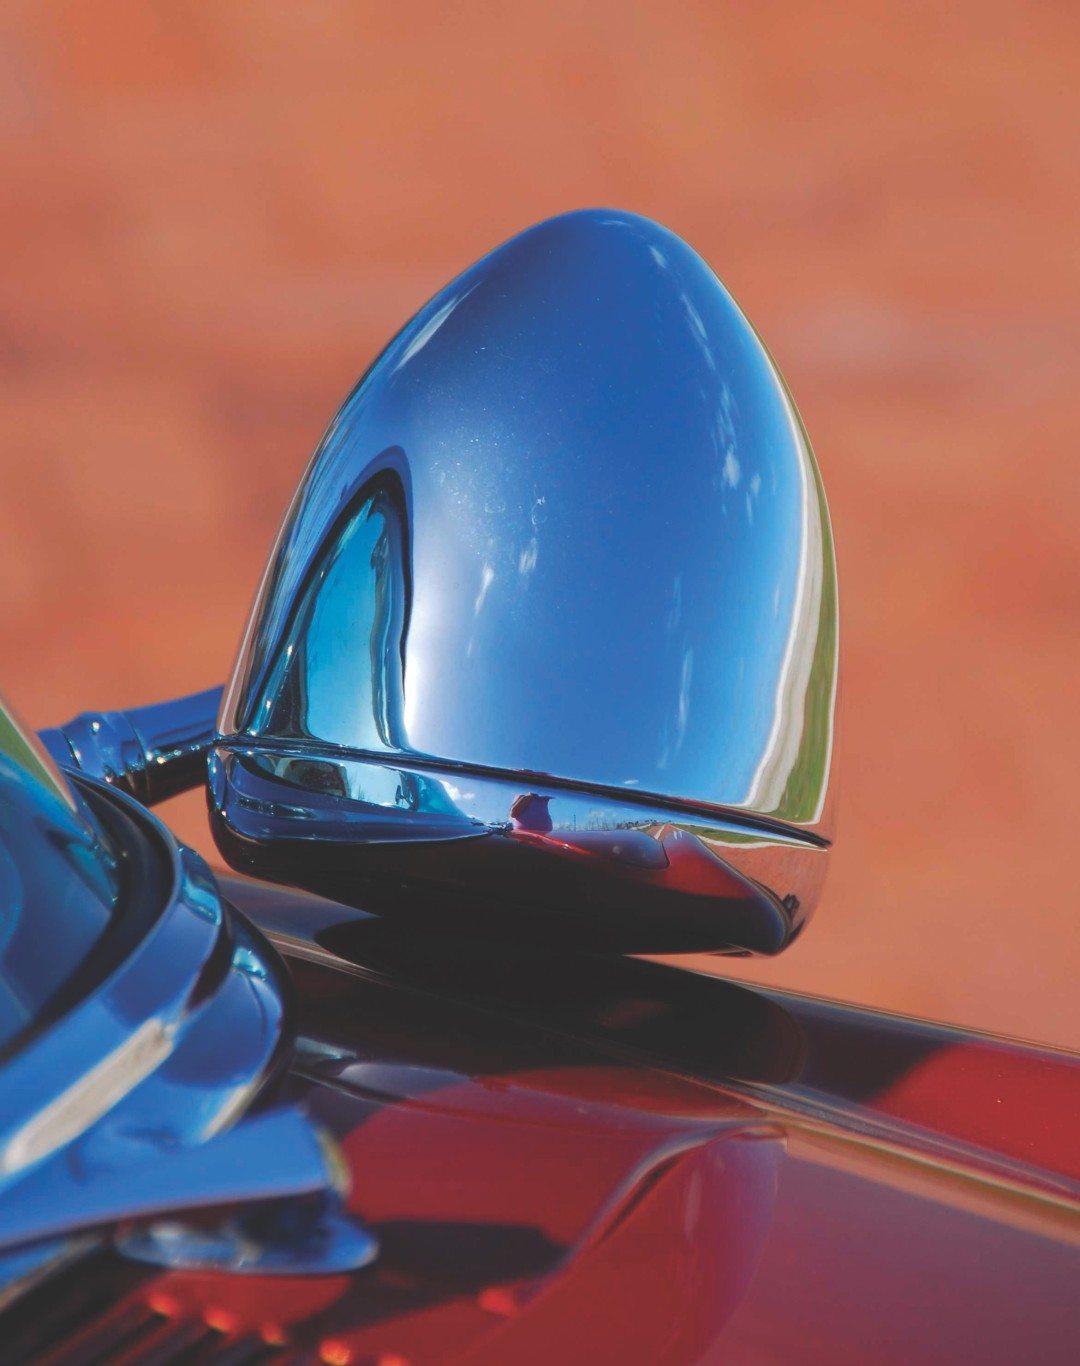 1955 Chevy Aztec Custom Crome Mirror